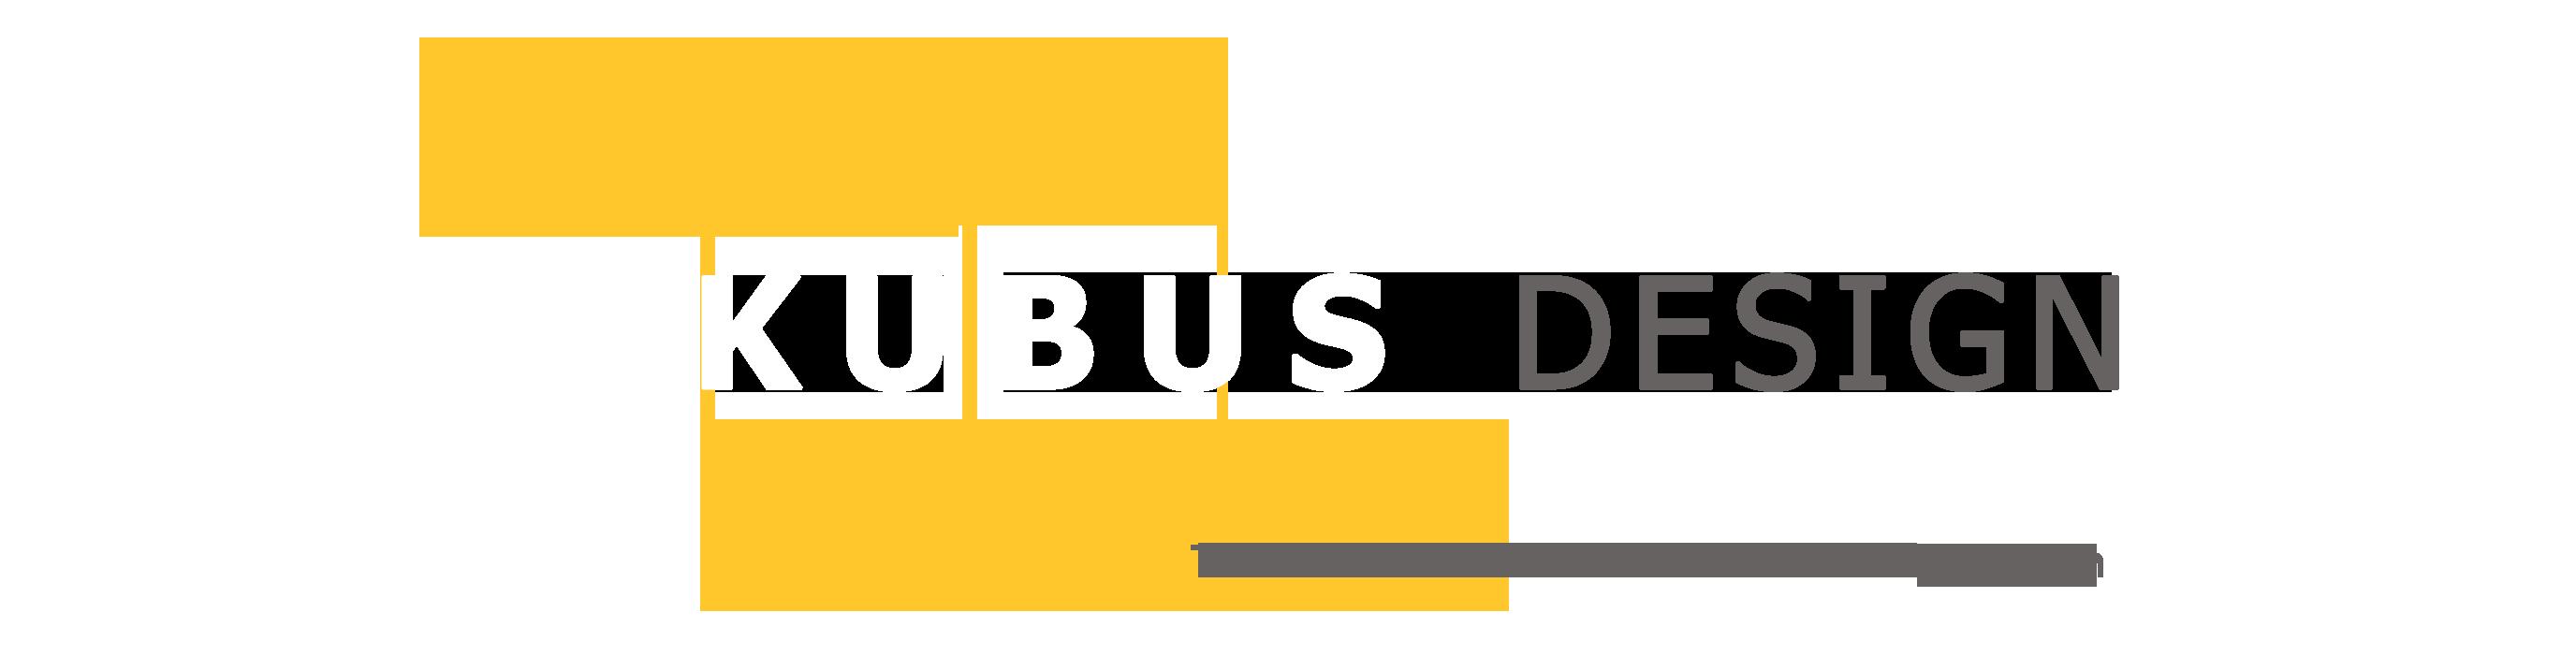 kubusdesign